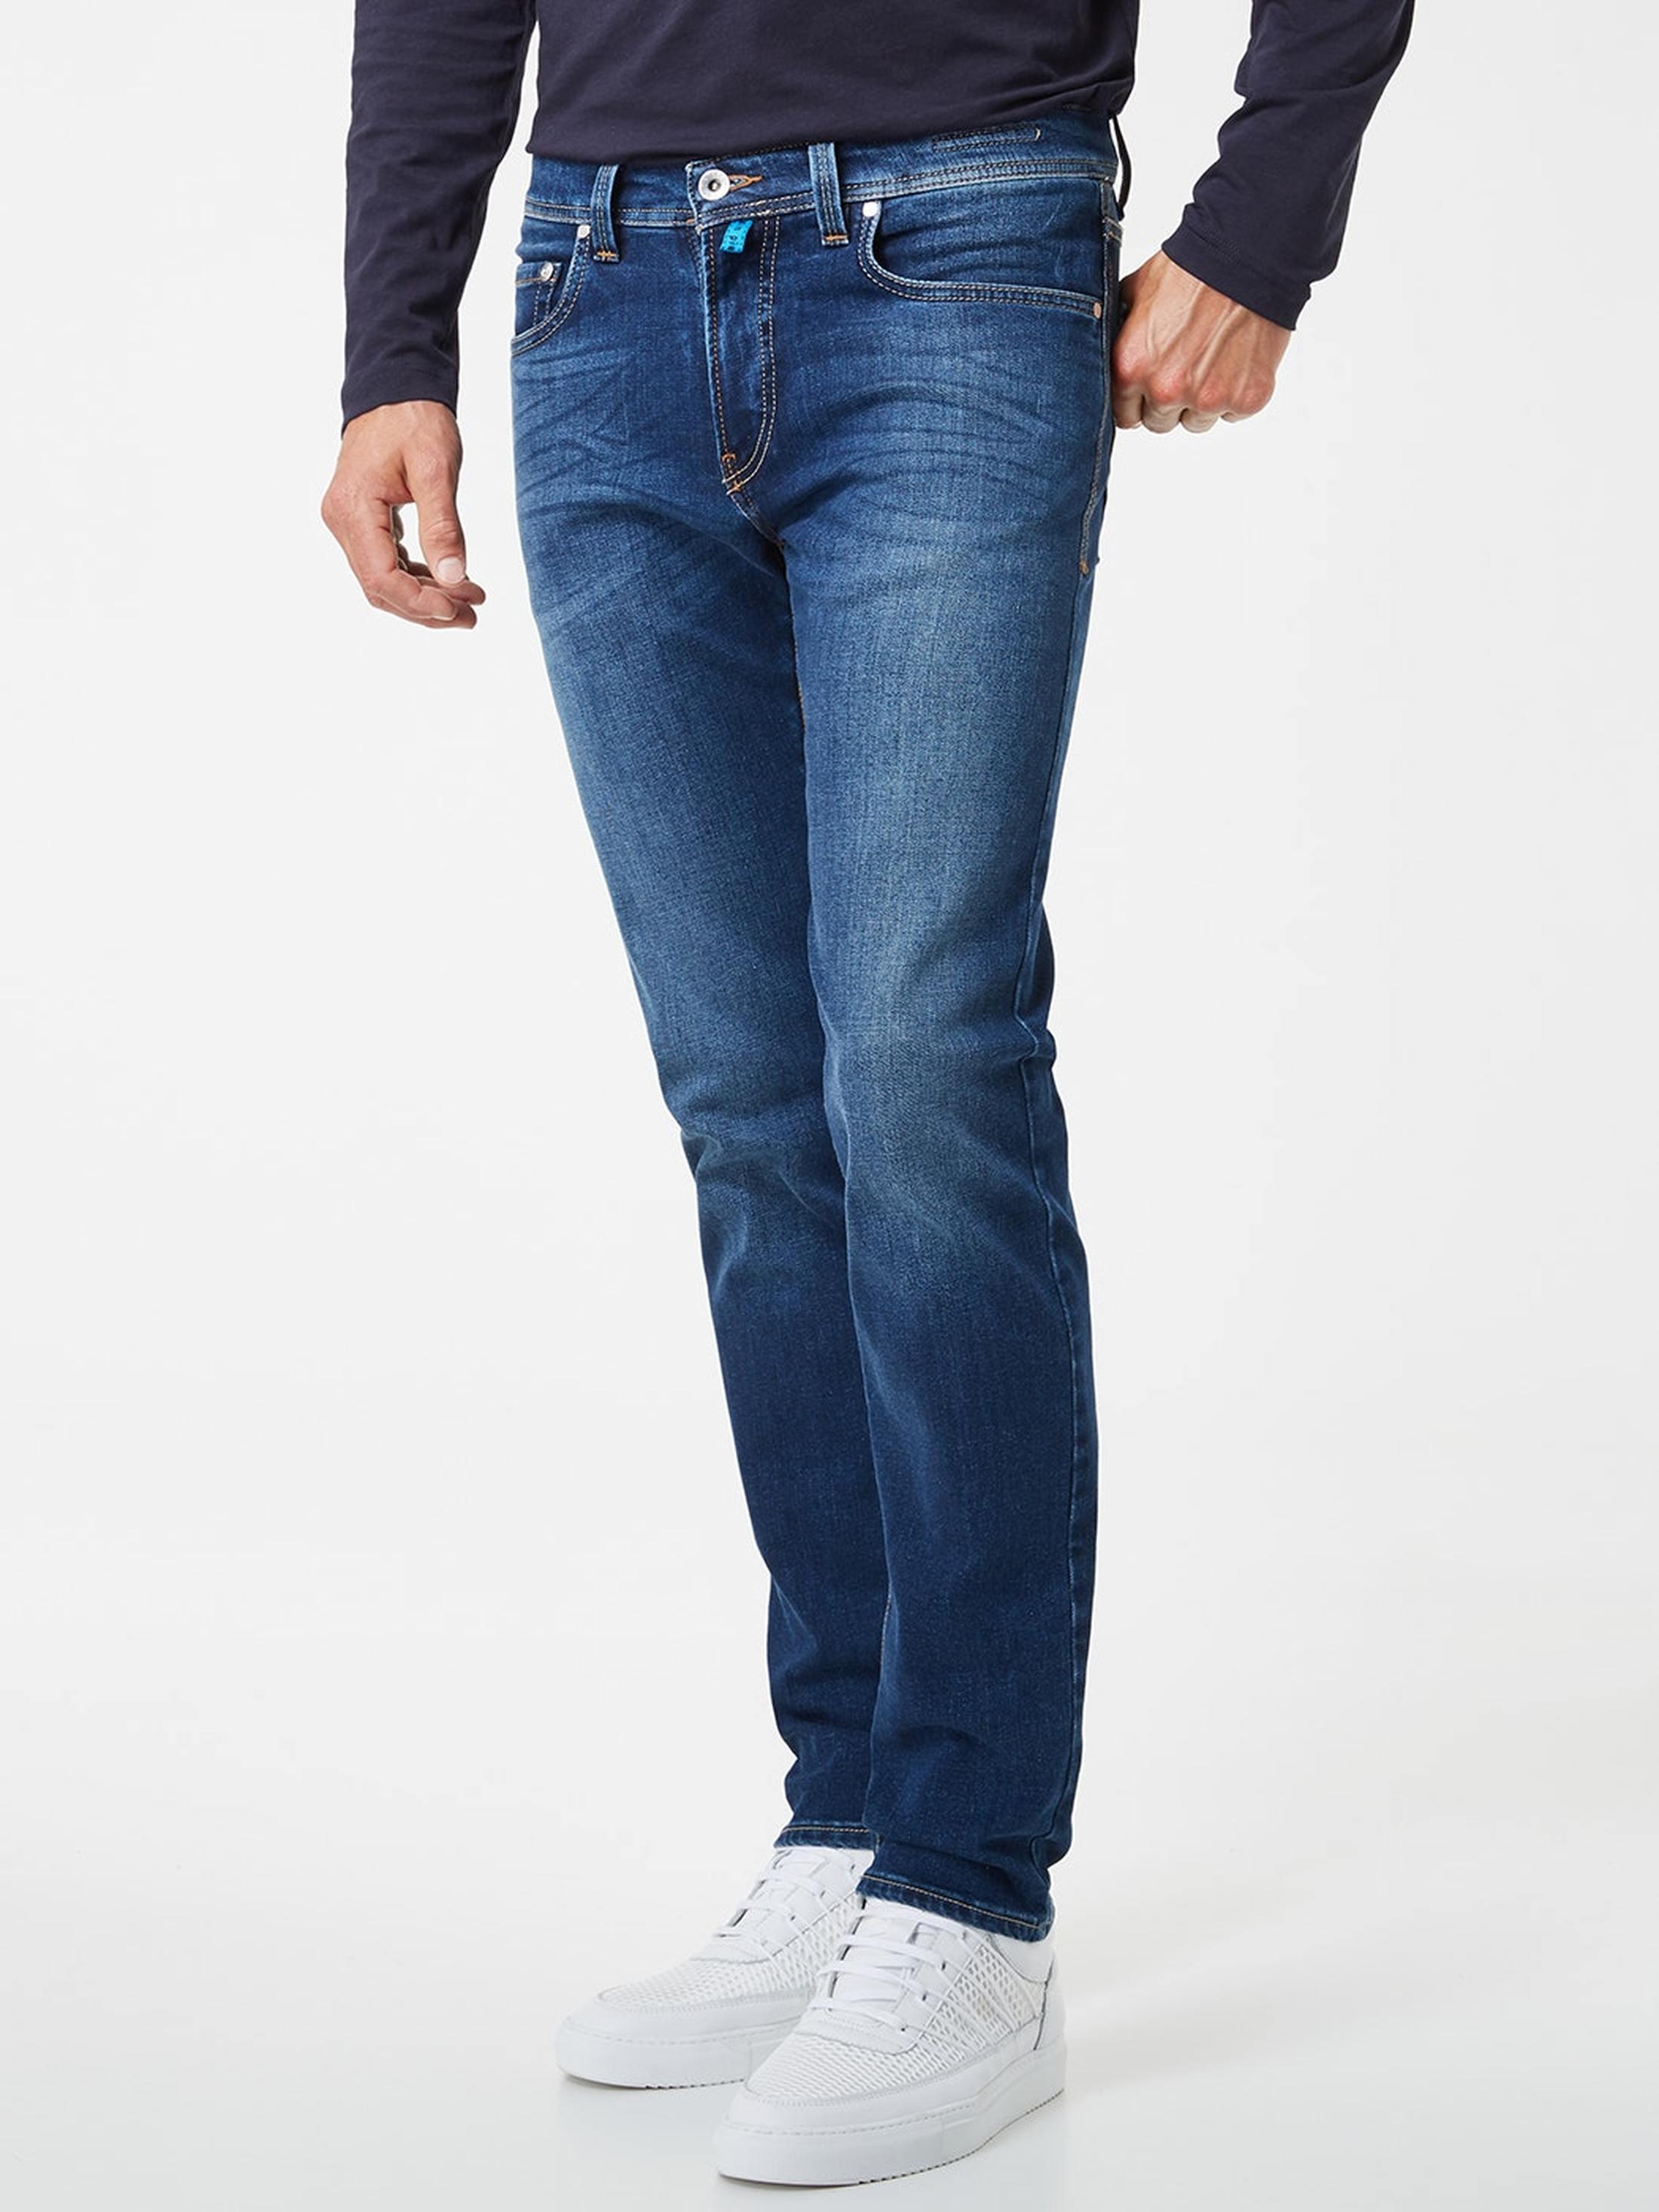 Pierre Cardin Lyon Jeans Future Flex 3451 foto 4